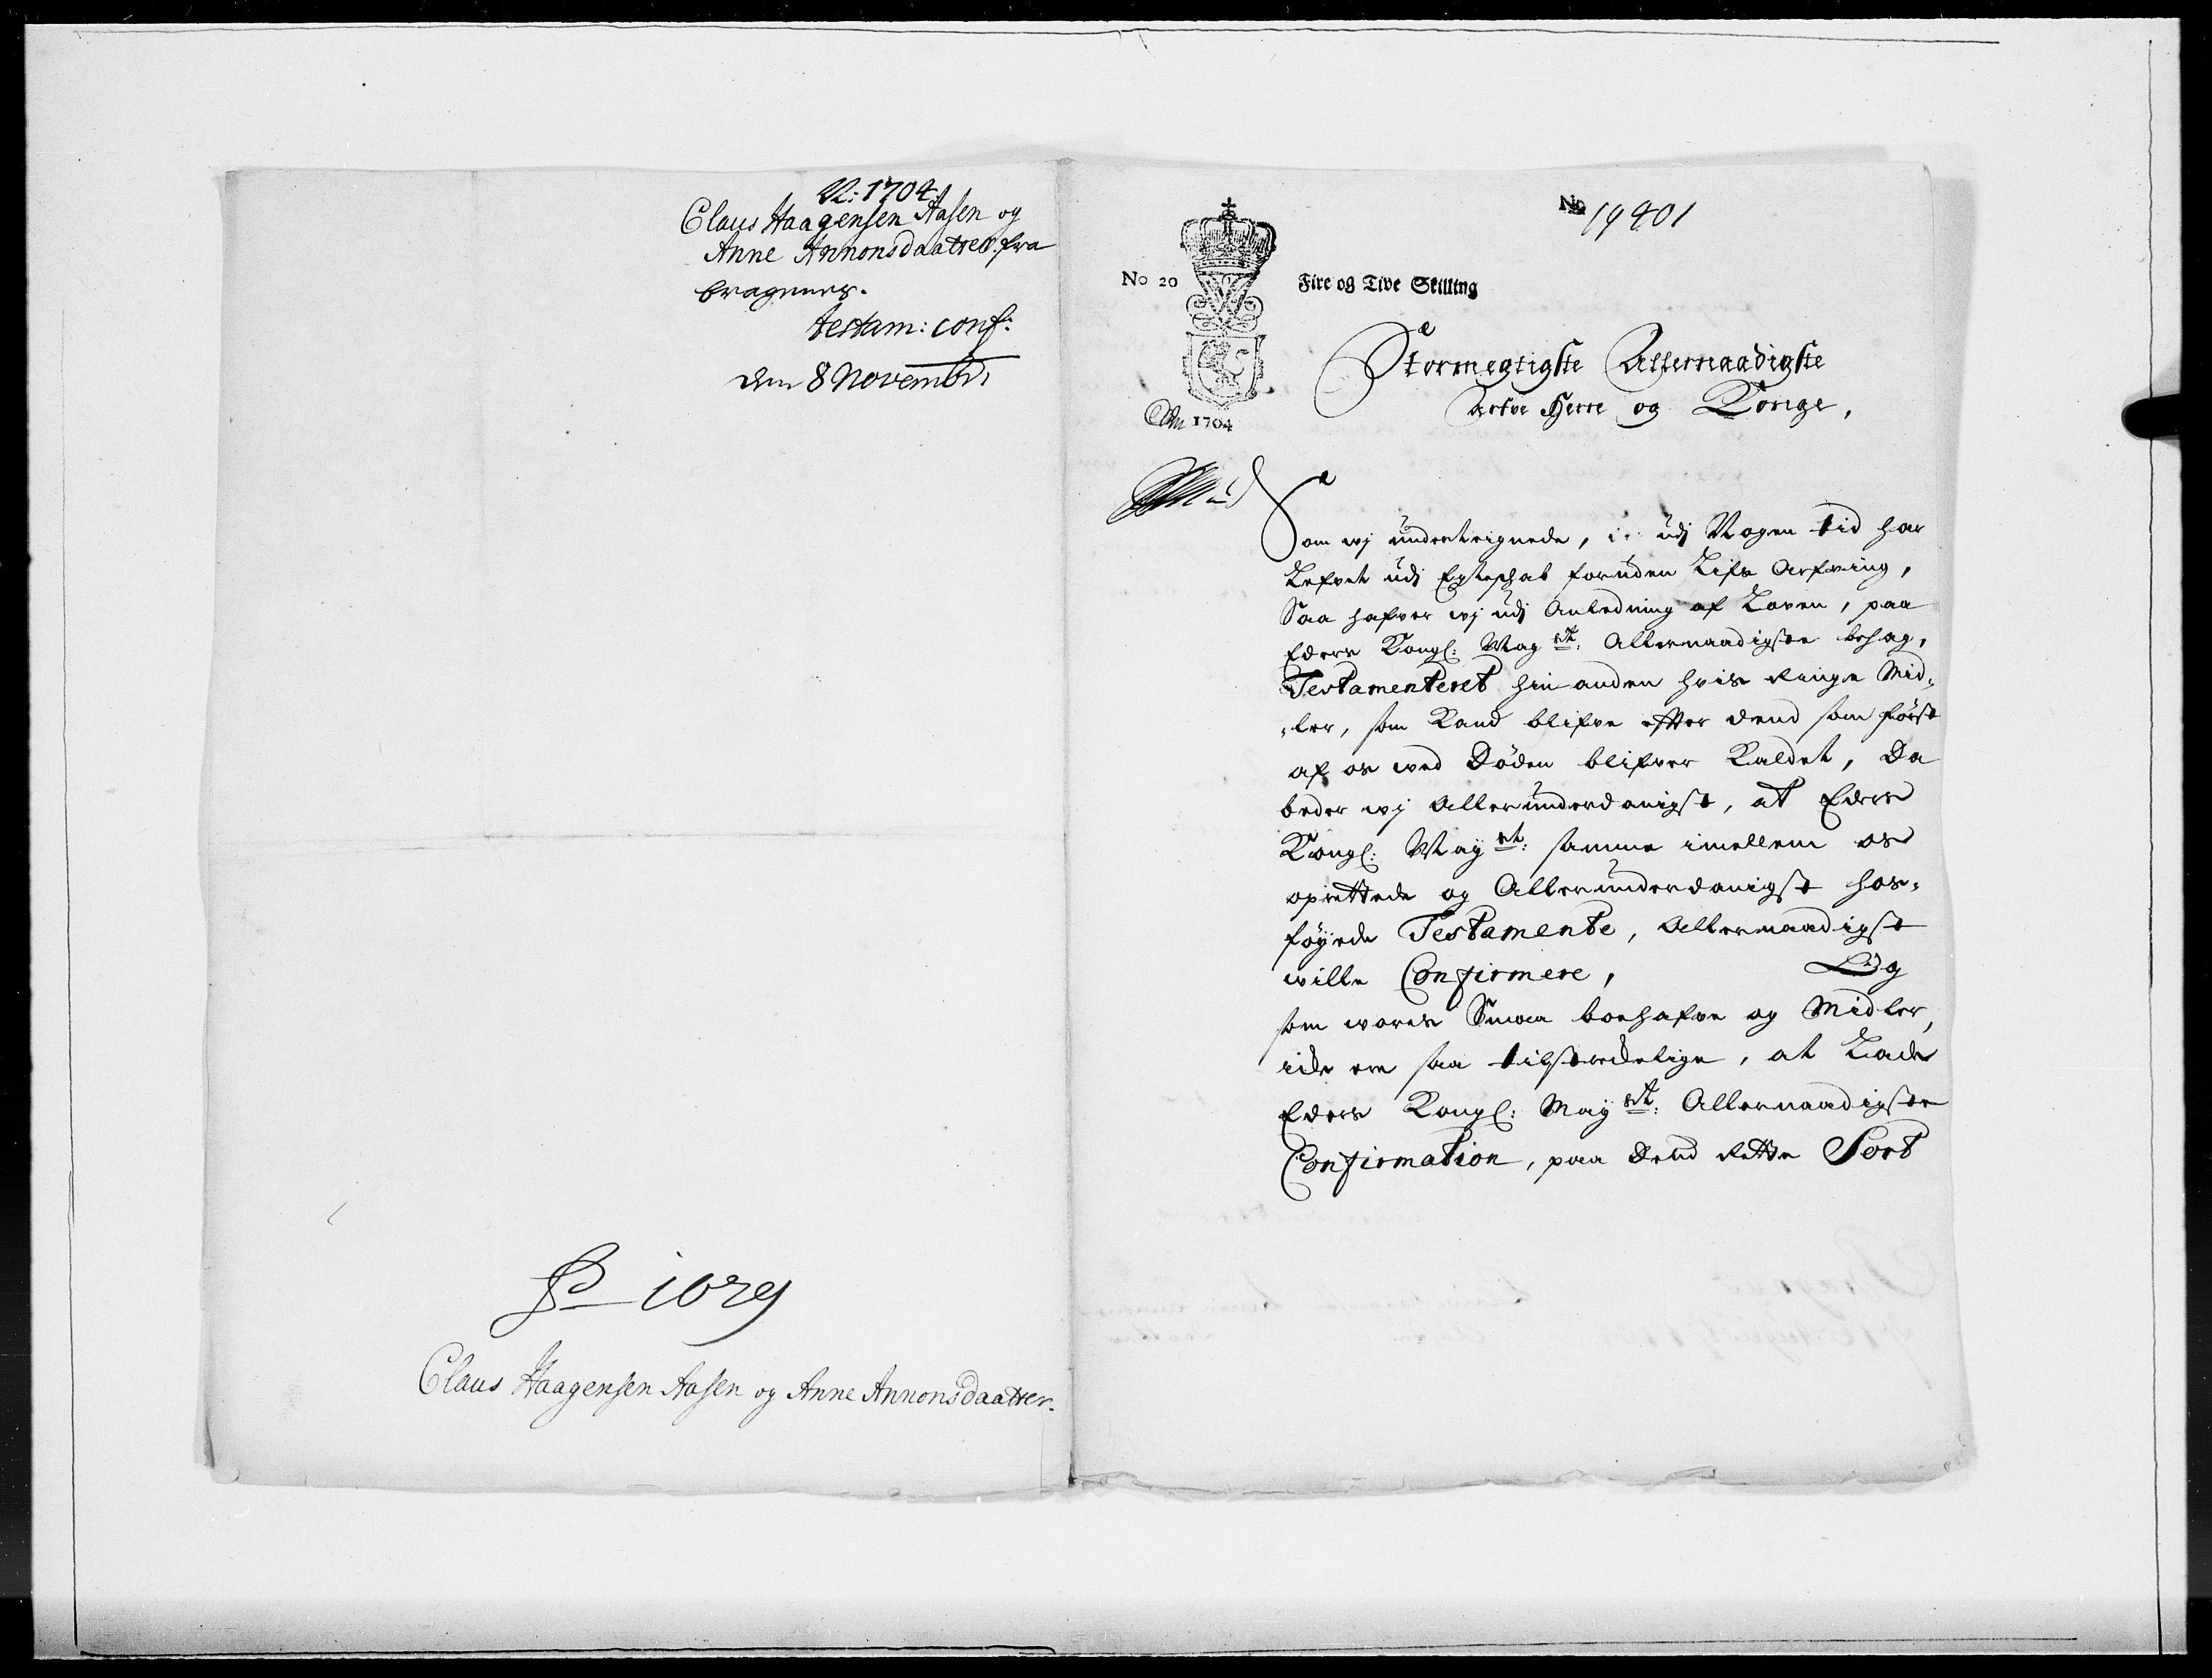 RA, Danske Kanselli 1572-1799, F/Fc/Fcc/Fcca/L0057: Norske innlegg 1572-1799, 1704, s. 352